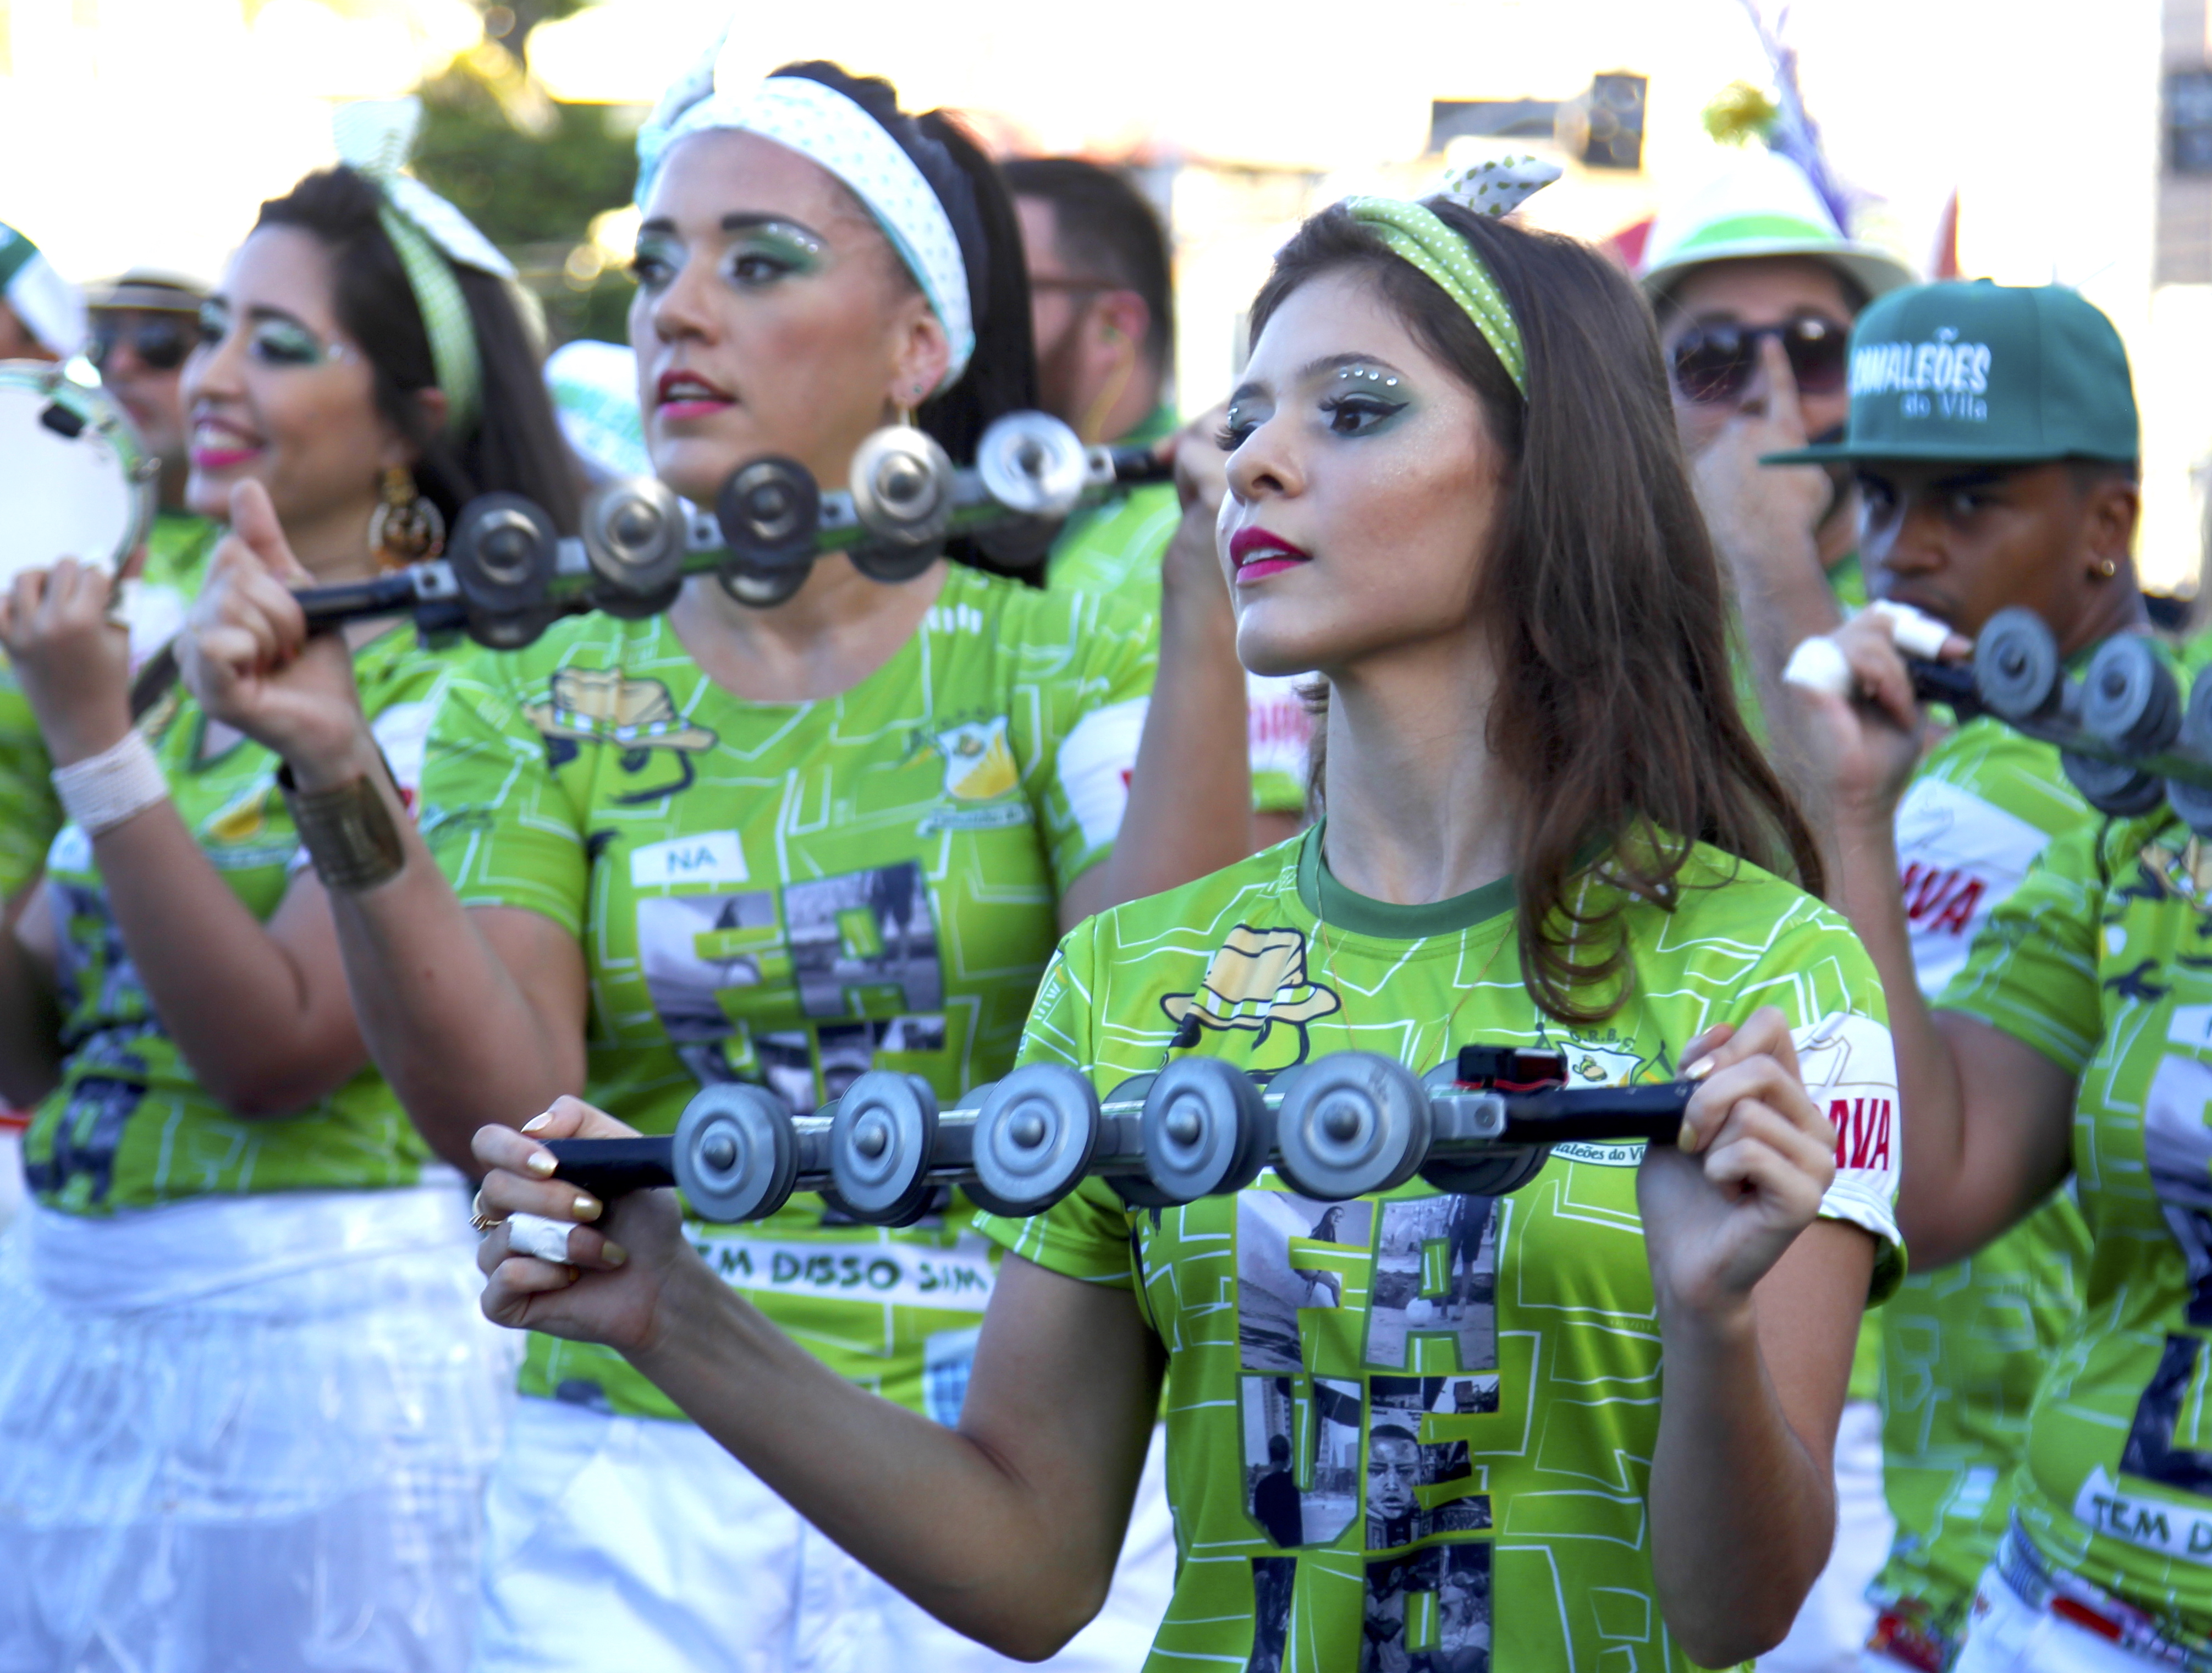 Bloco Camaleões do Vila celebra 10 anos no pré-carnaval de Fortaleza